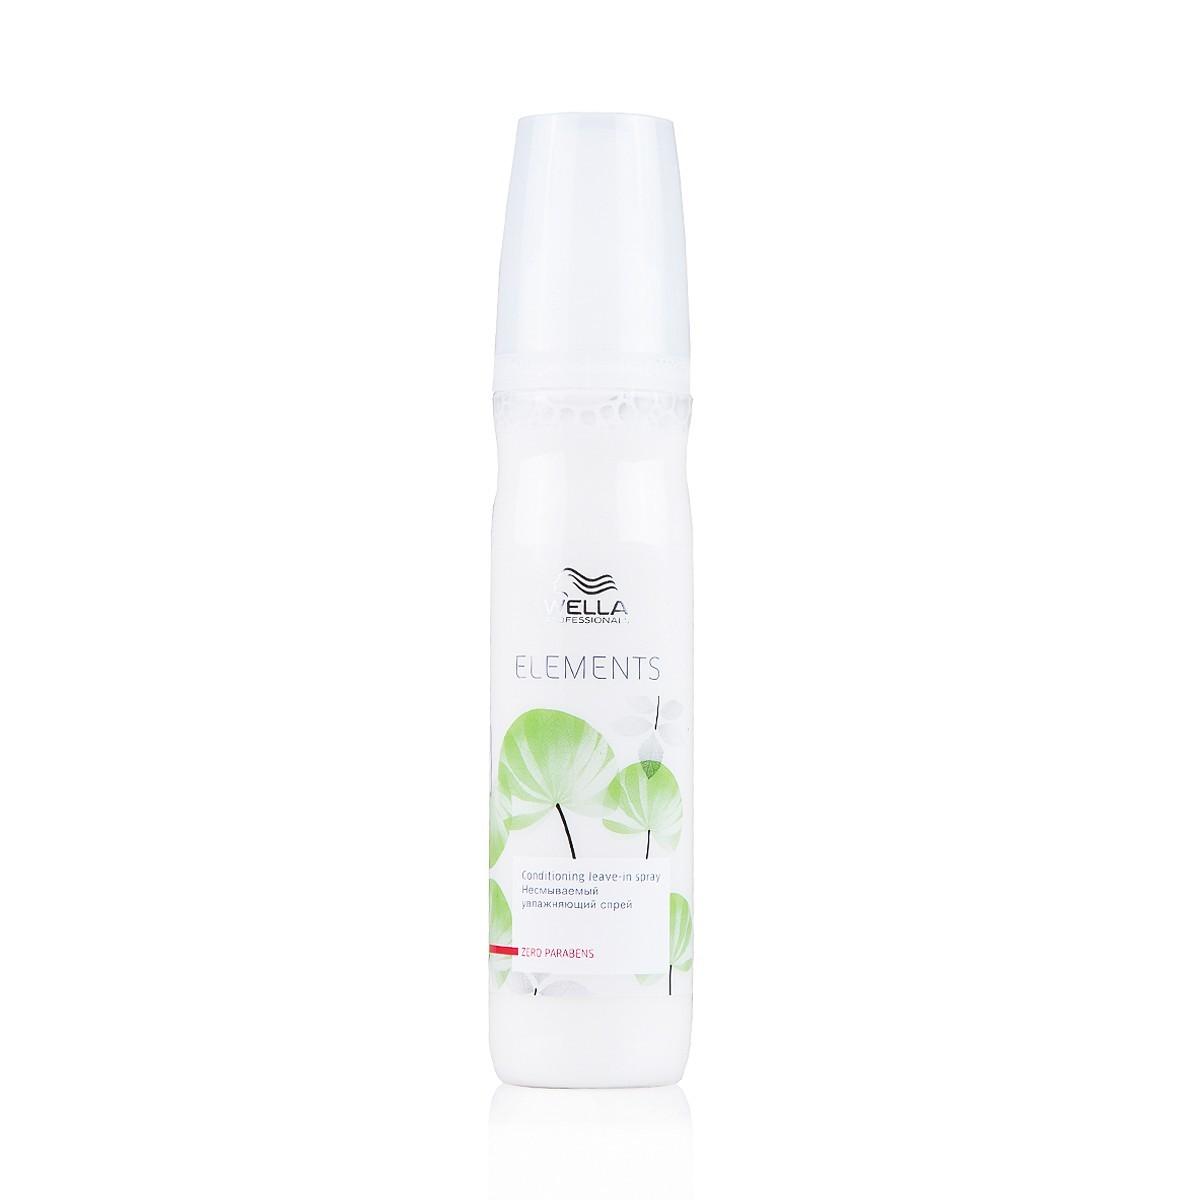 WELLA Elements Conditioning Leave-in Spray 150ml - Odżywka w sprayu bez spłukiwania